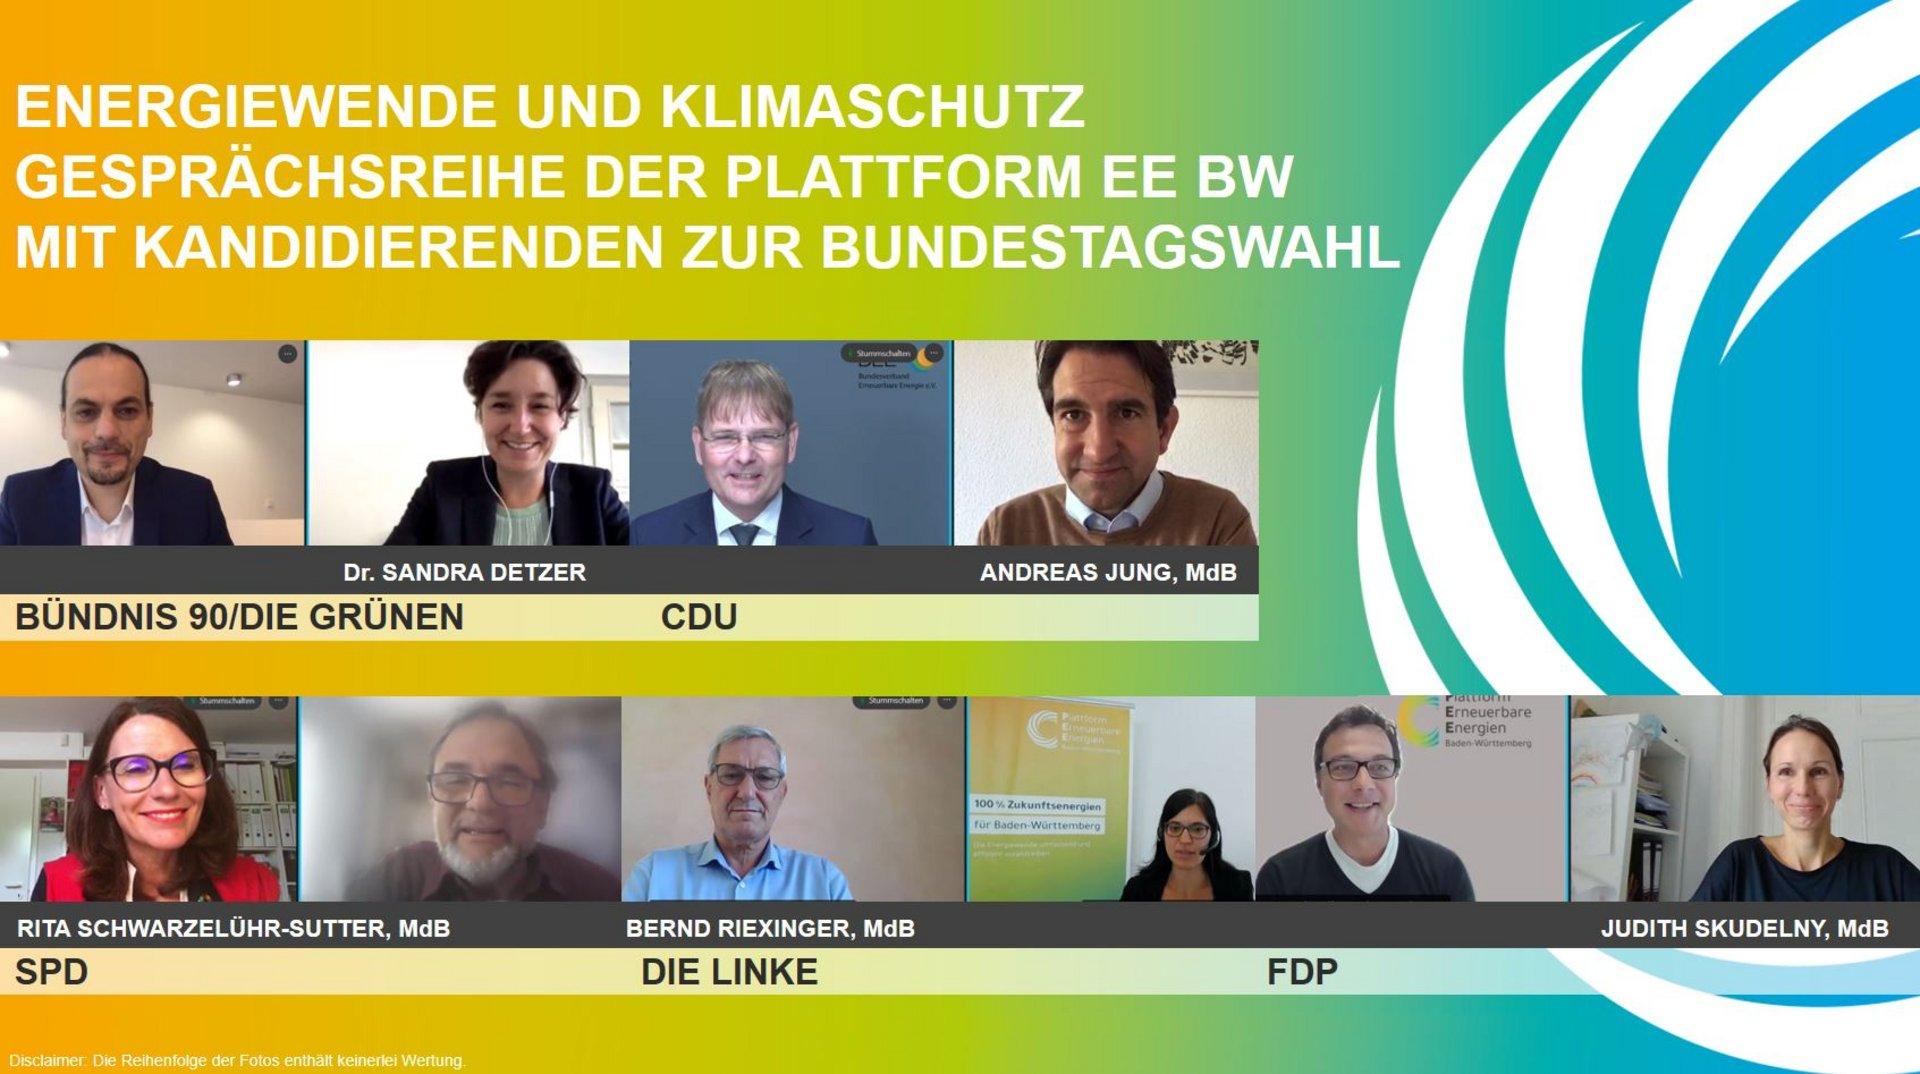 Gesprächsreihe mit Kandidatinnen zur Bundestagswahl 2021